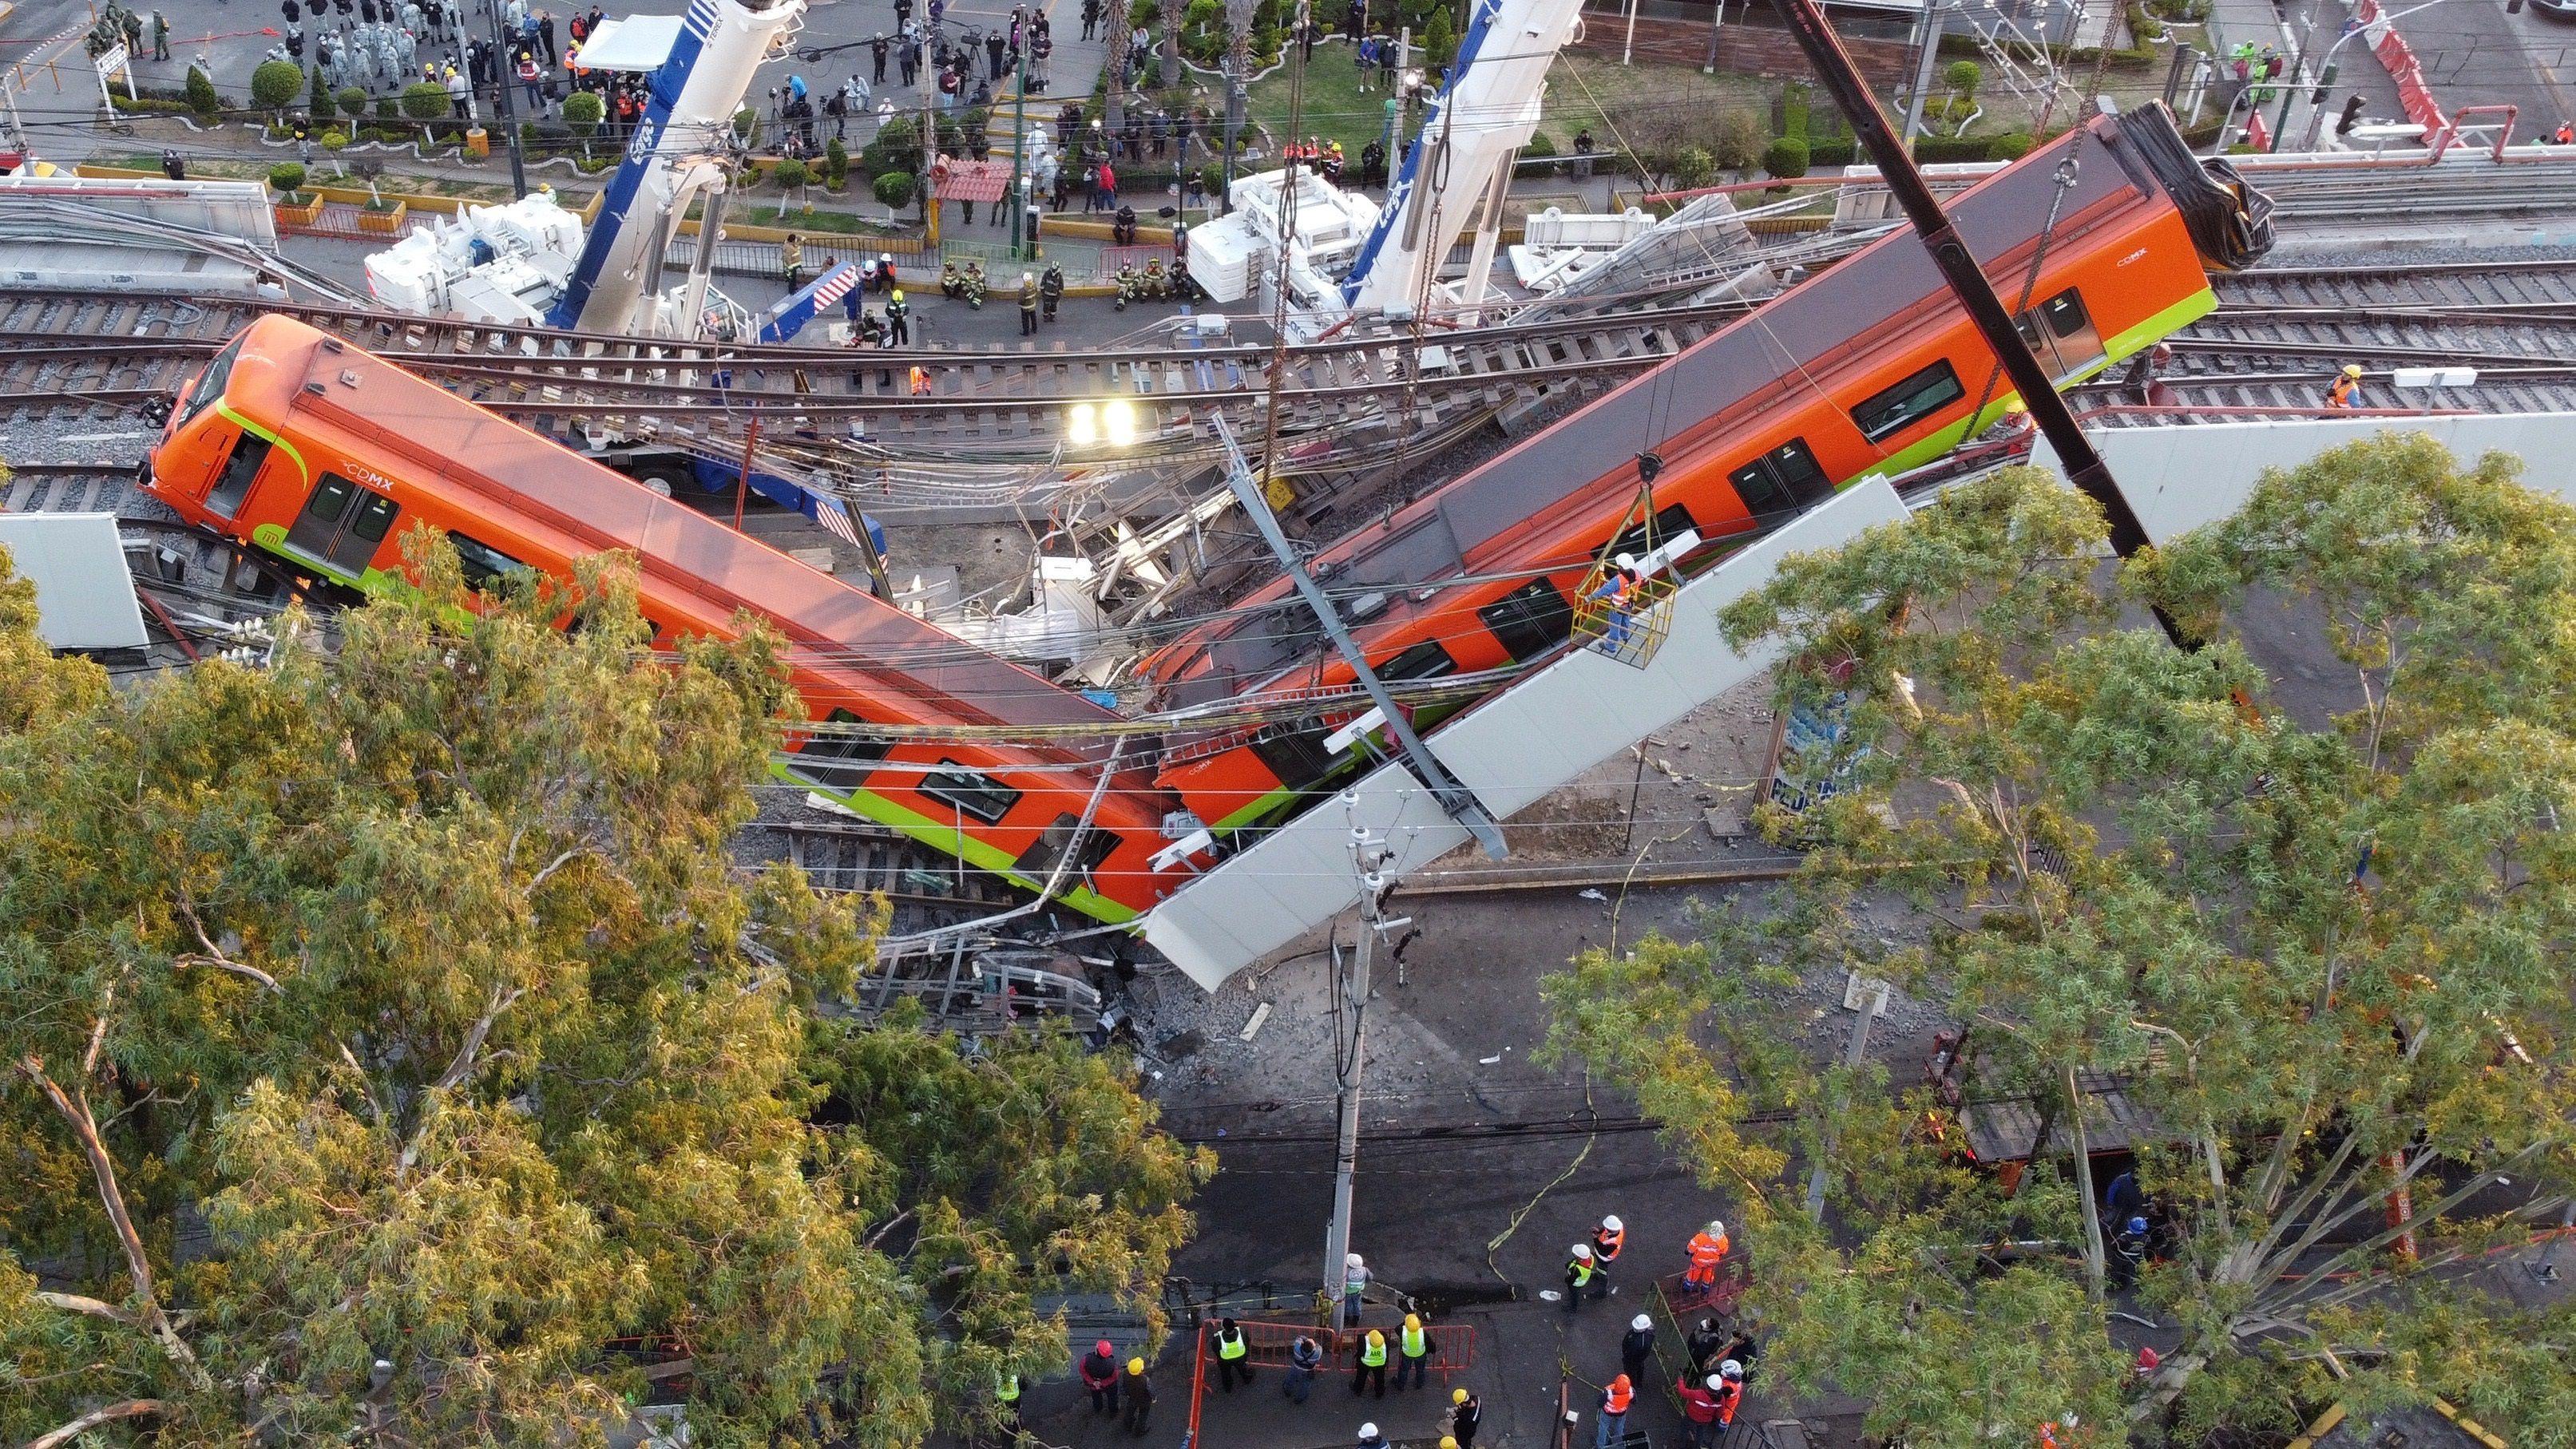 Vista aérea realizada con un drone que muestra el colapso de los vagones del metro, hoy en la Ciudad de México (México). EFE/Sáshenka Gutiérrez